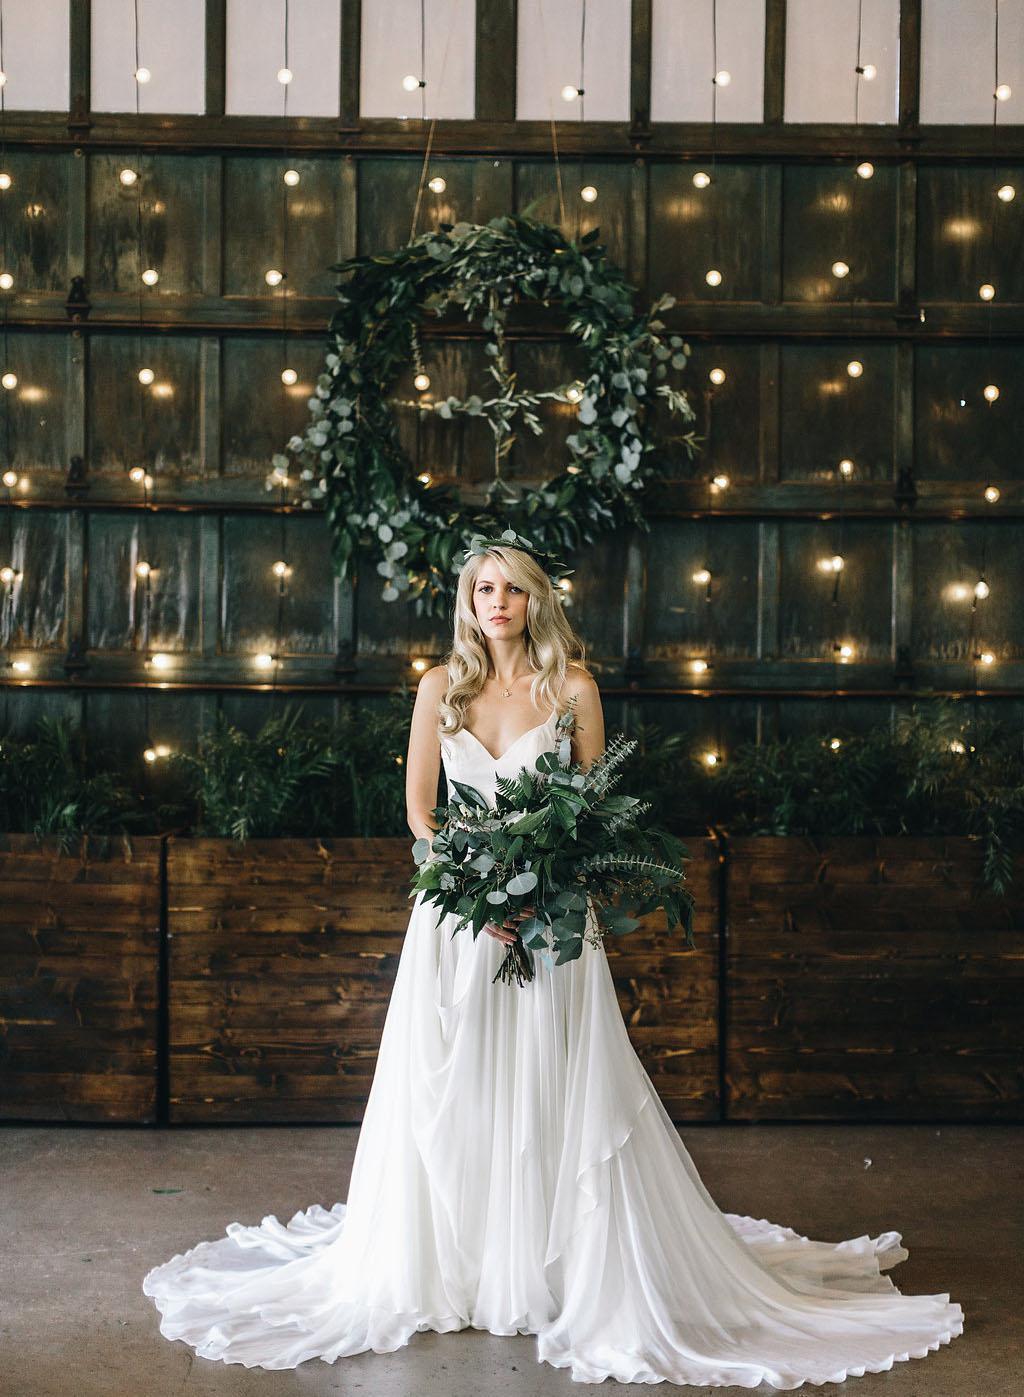 Tak jednoducho, ako sa len dá (minimalizmus v svadobných šatách) - Obrázok č. 54